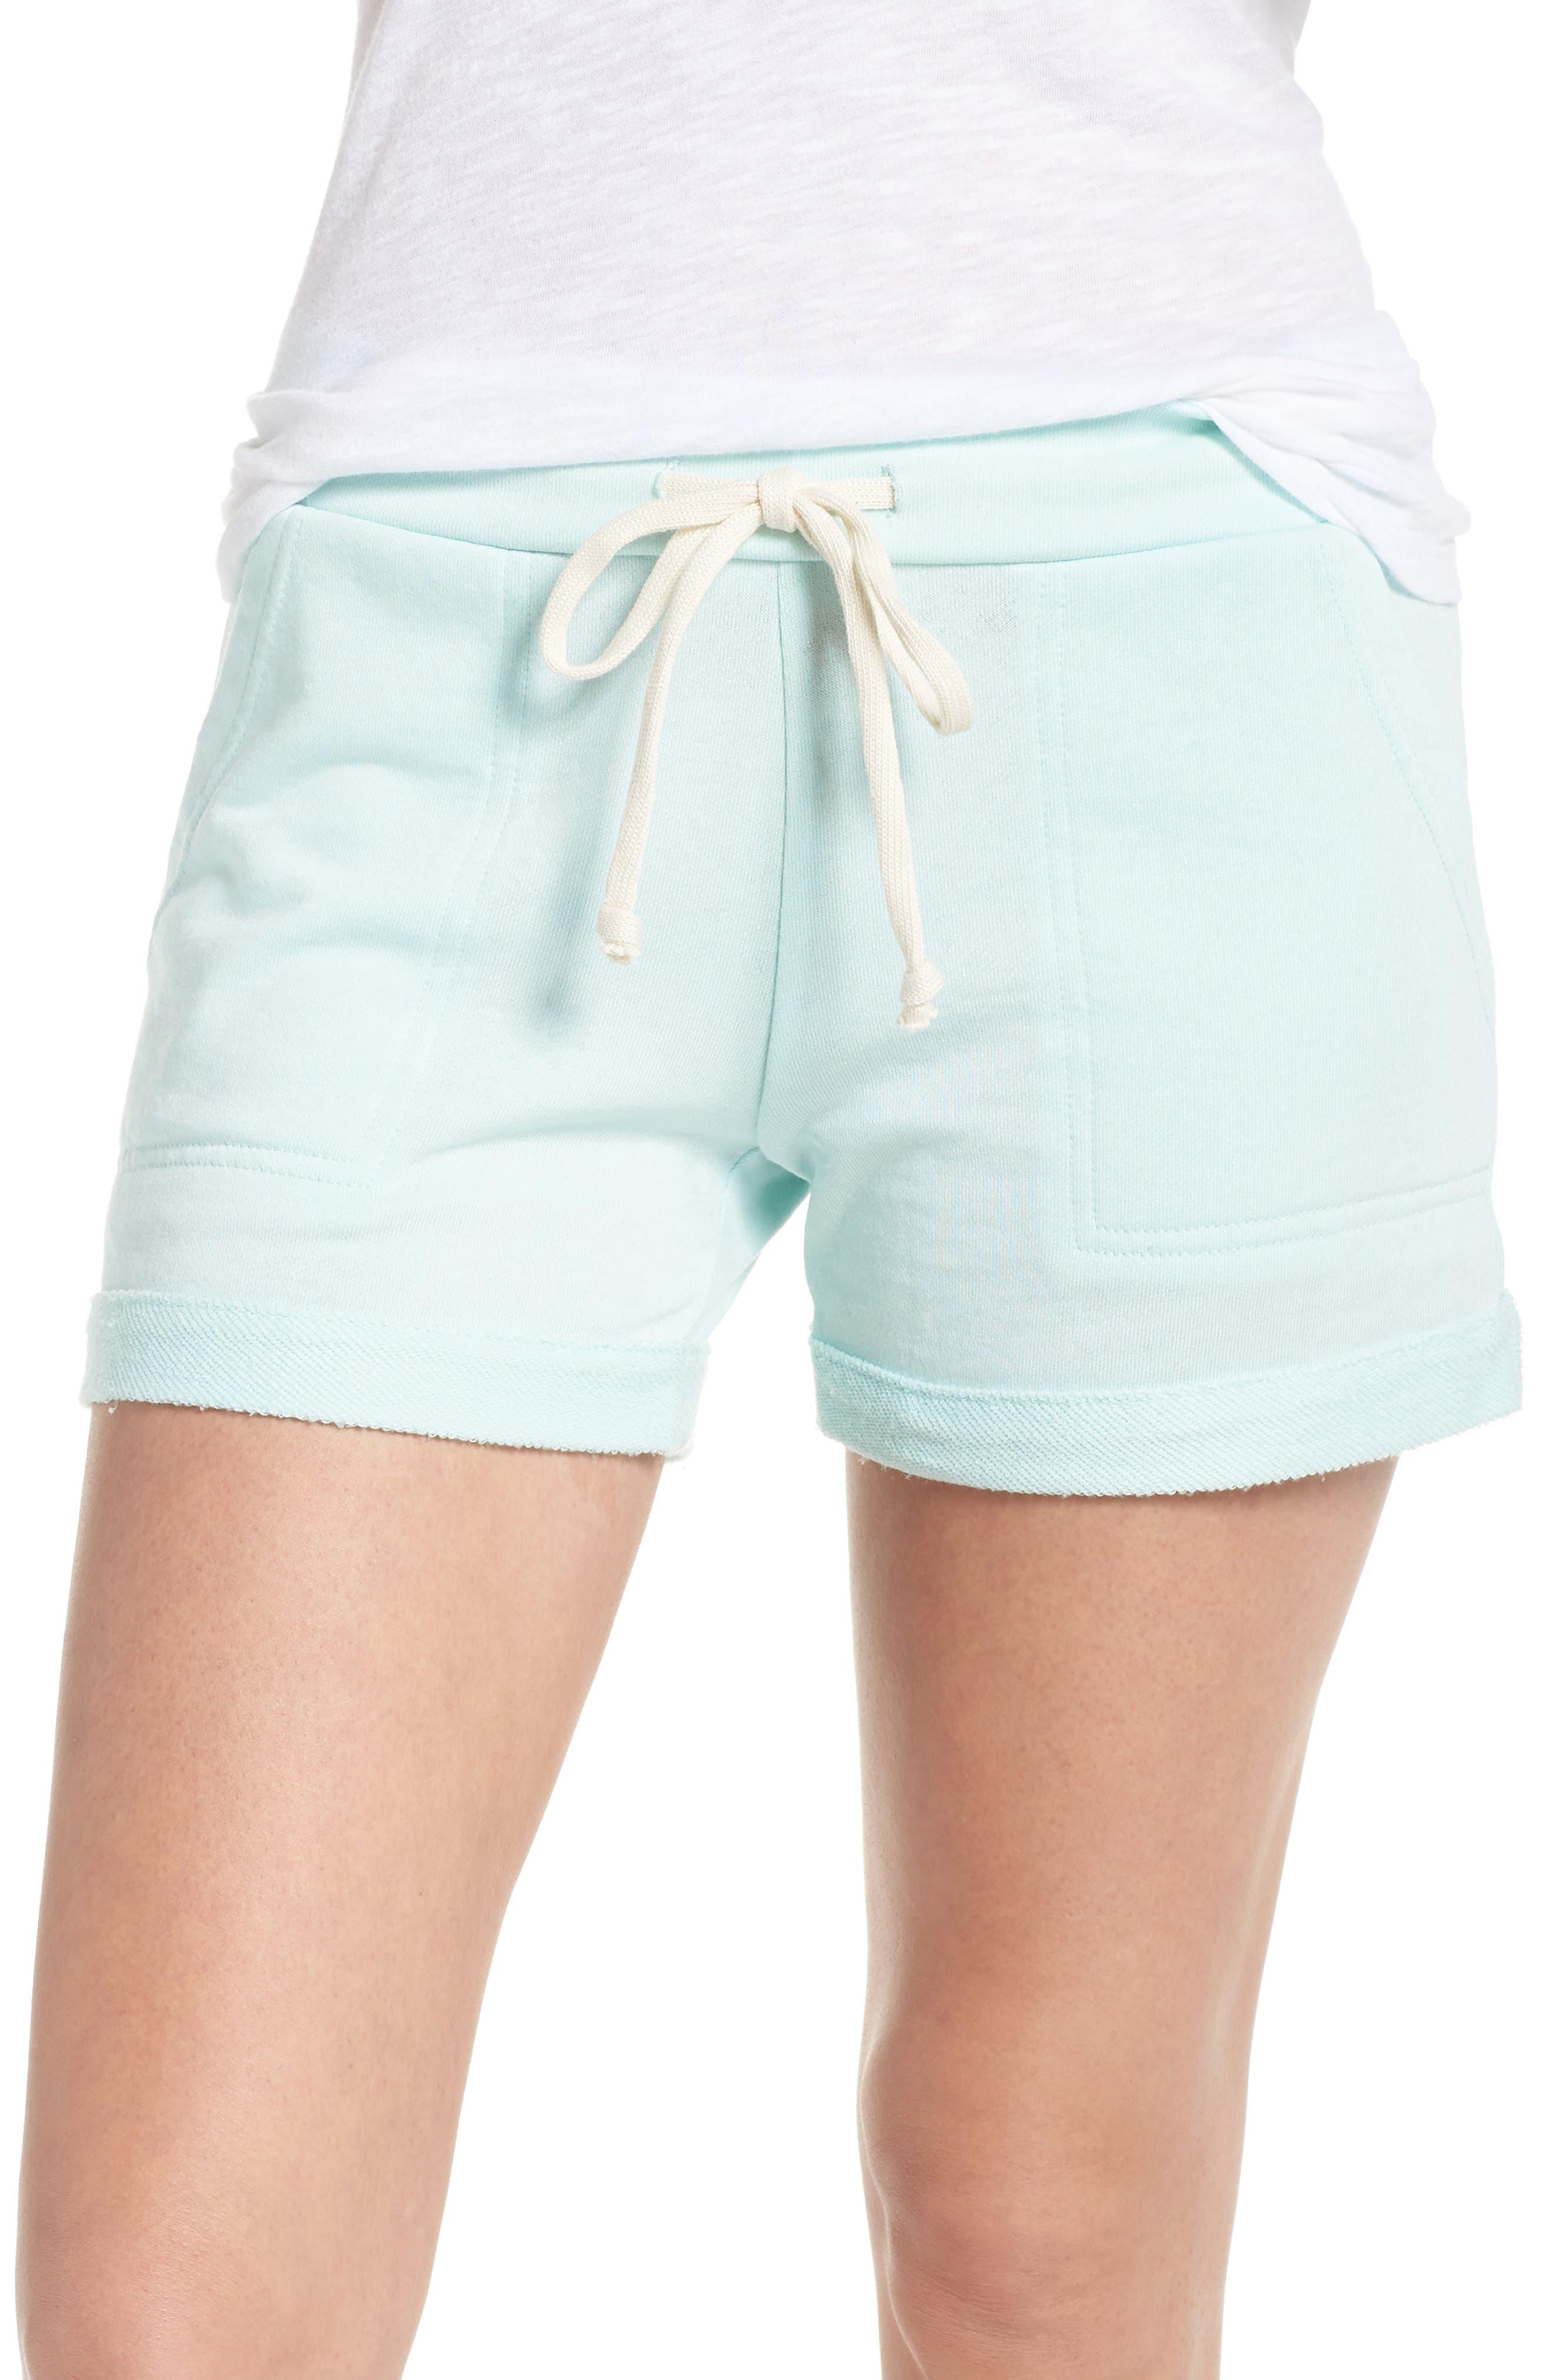 Lounge Shorts,                             Main thumbnail 1, color,                             300